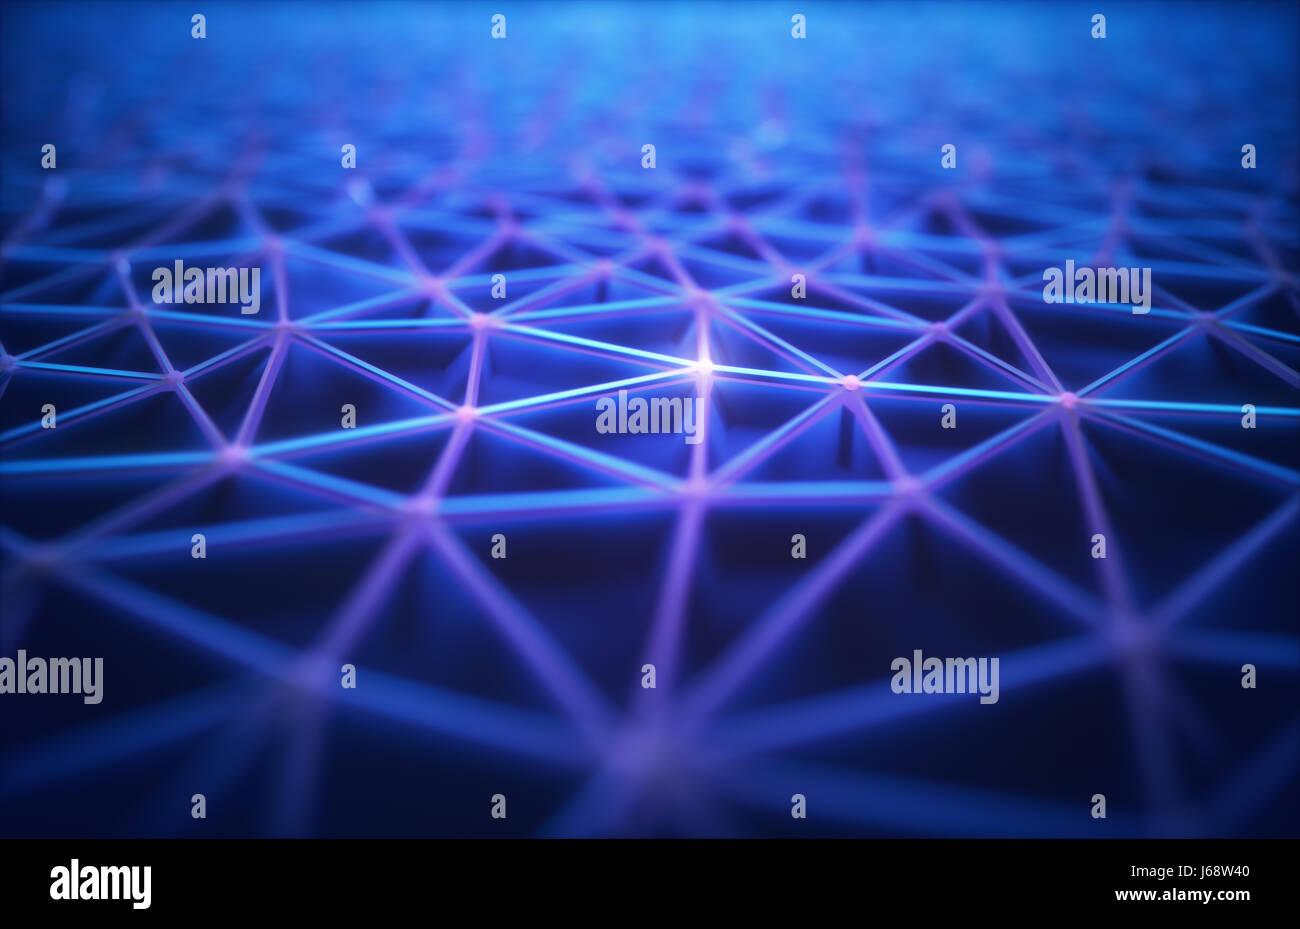 3D illustration. Résumé fond, raccordement et les lignes de la technologie. Banque D'Images